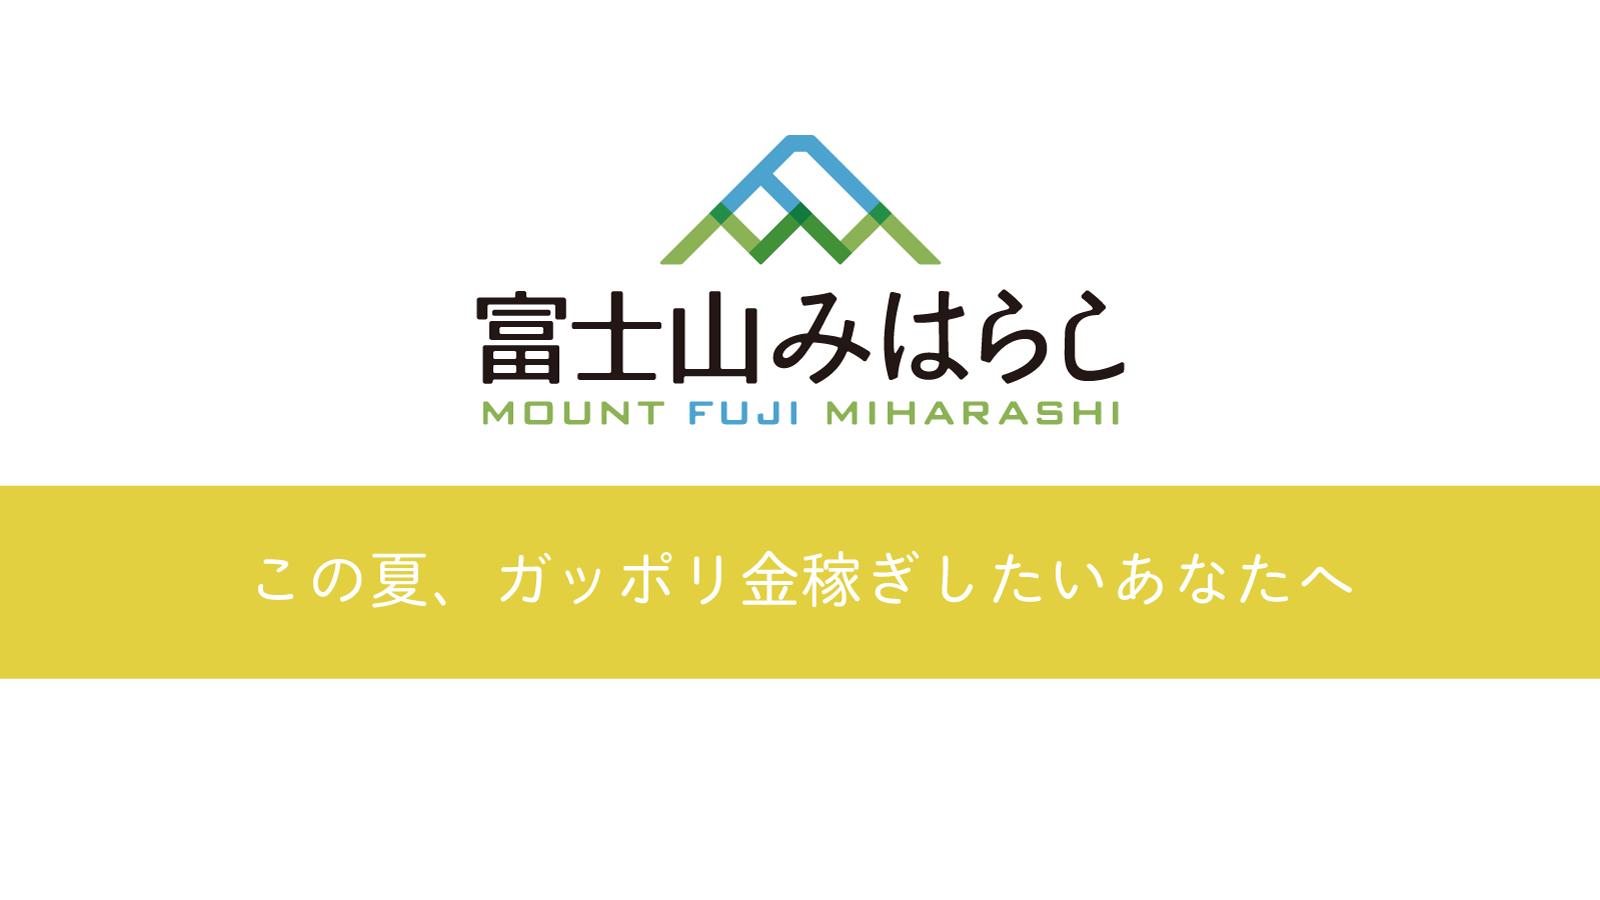 夏の聖地、富士山住み込みバイトでガポガポ金稼ぎしたい人大募集中!!